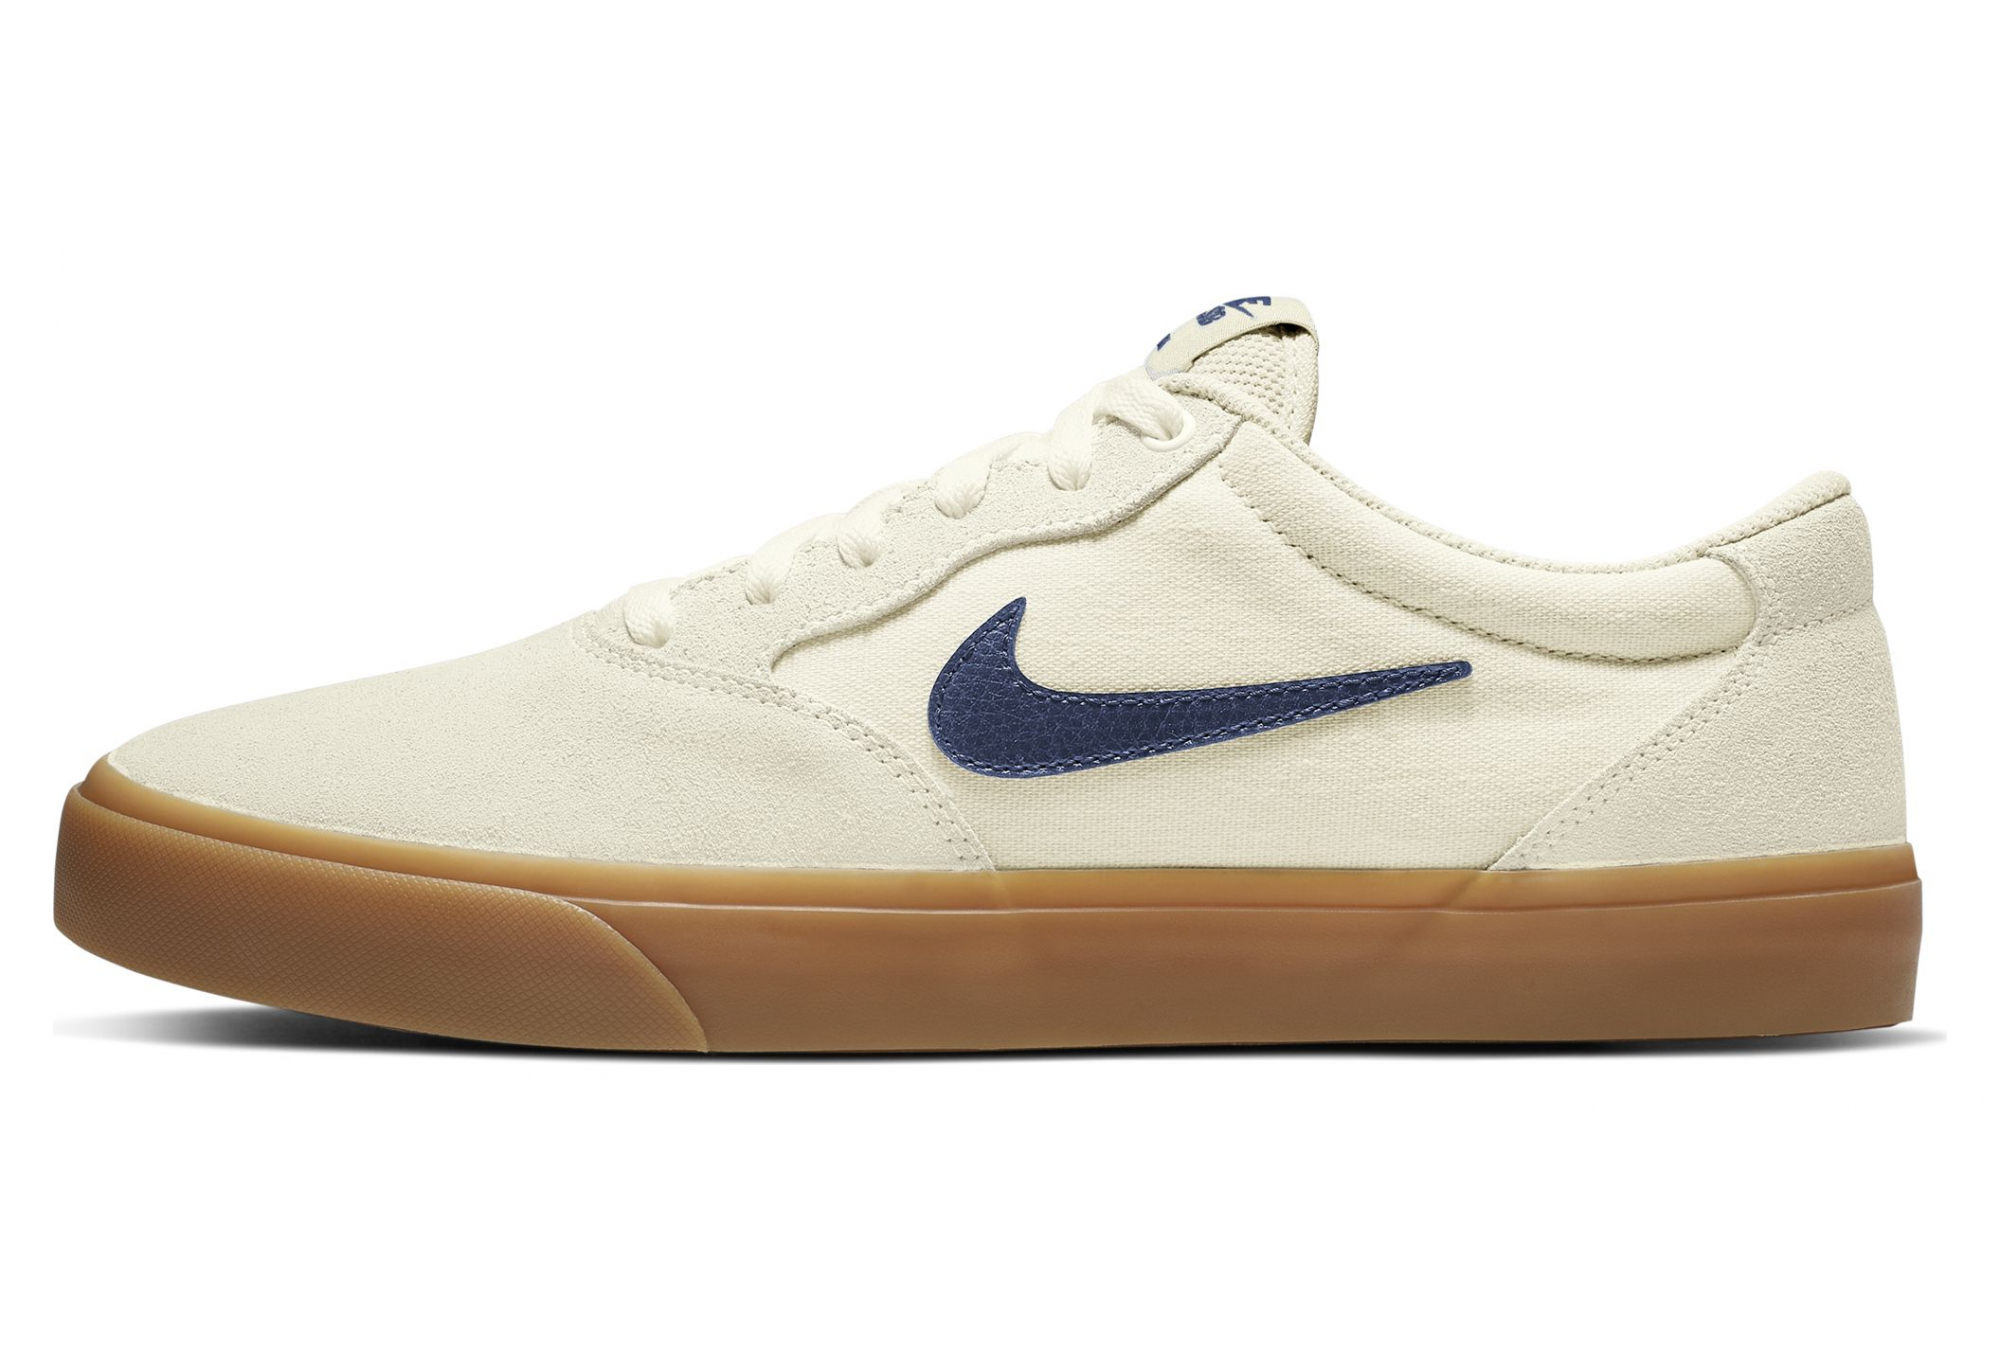 Nike SB Chron Solarsoft Beige Shoes | Alltricks.com